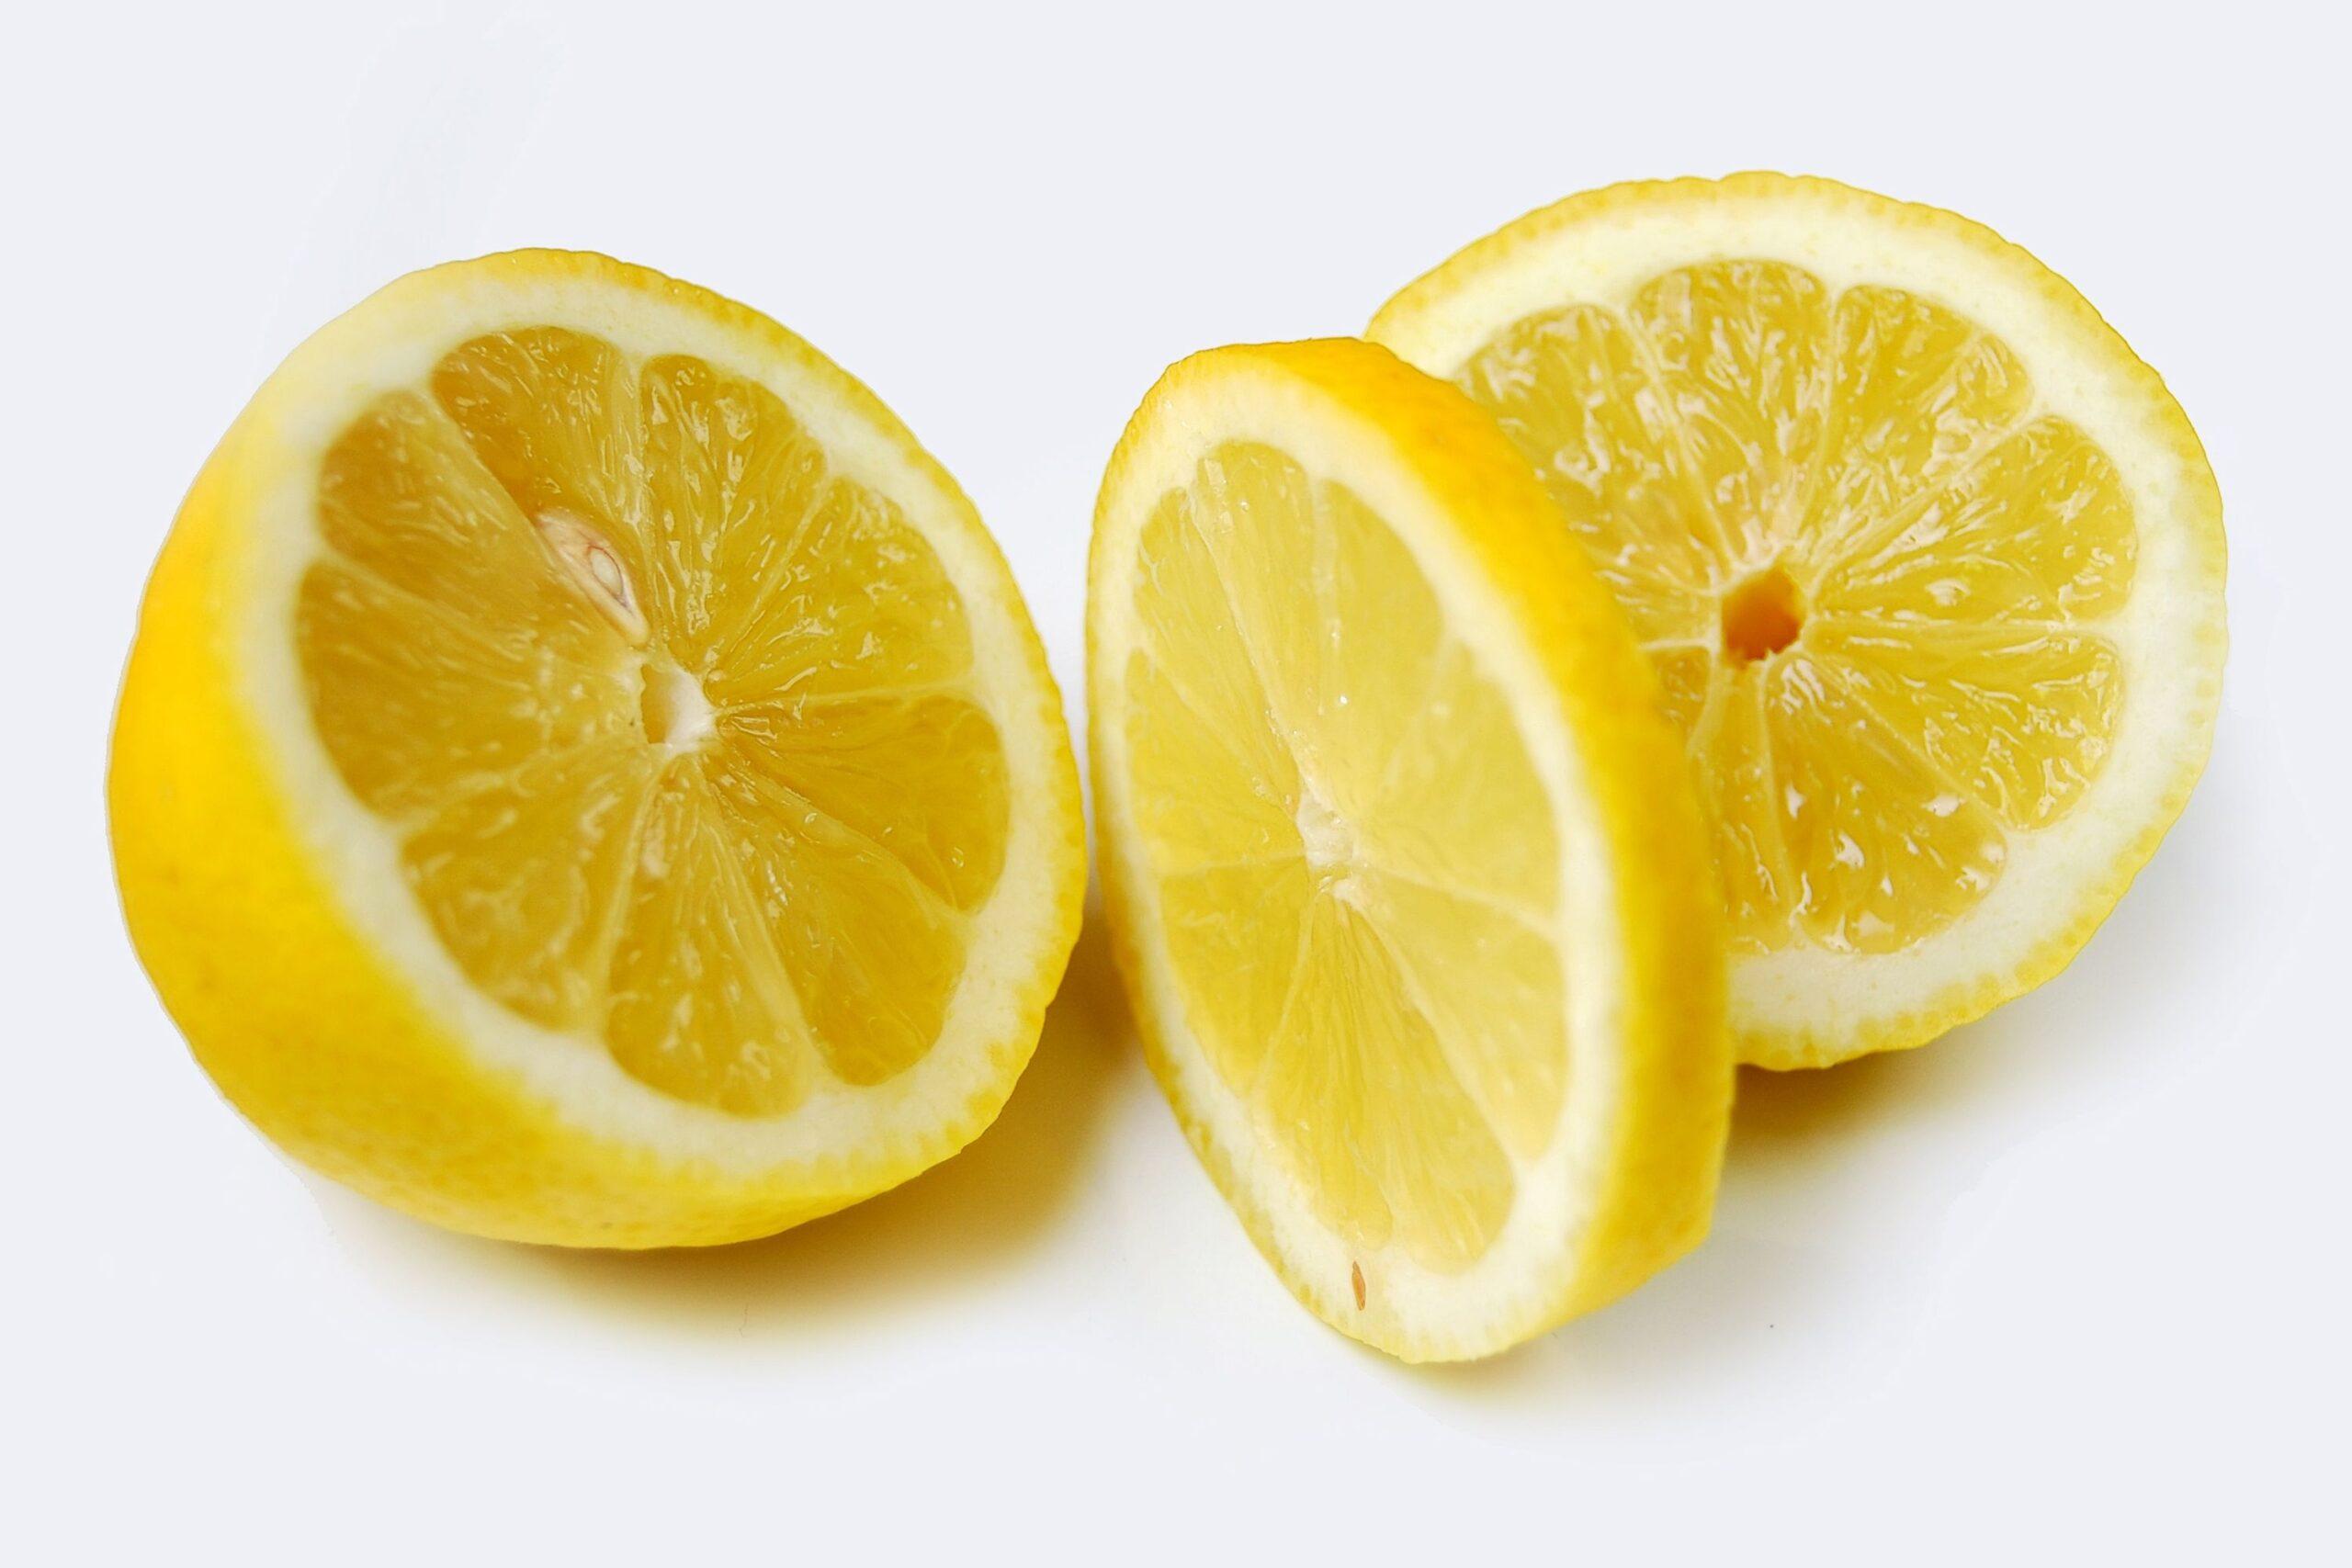 Come creare un topolino con un limone: il video